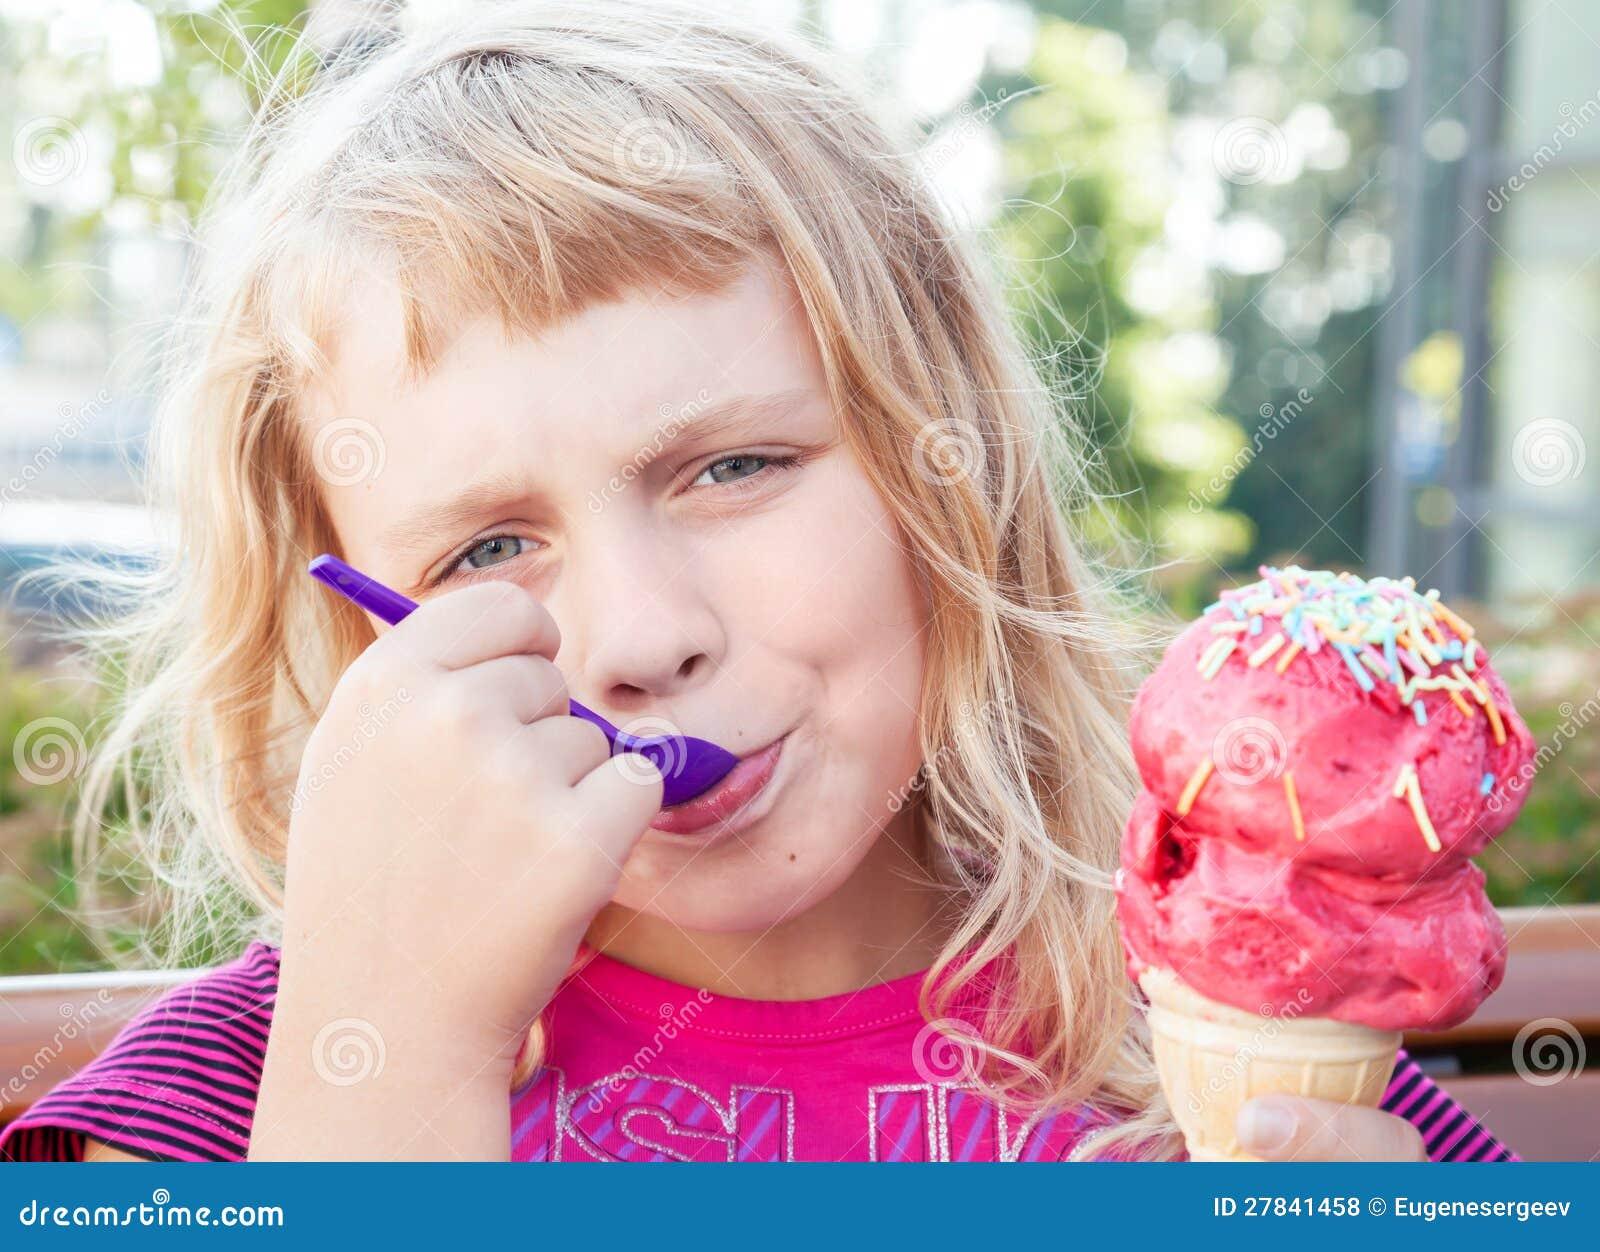 La petite fille mange de la grande glace de fruit photo stock image du attrayant people 27841458 for Grande glace